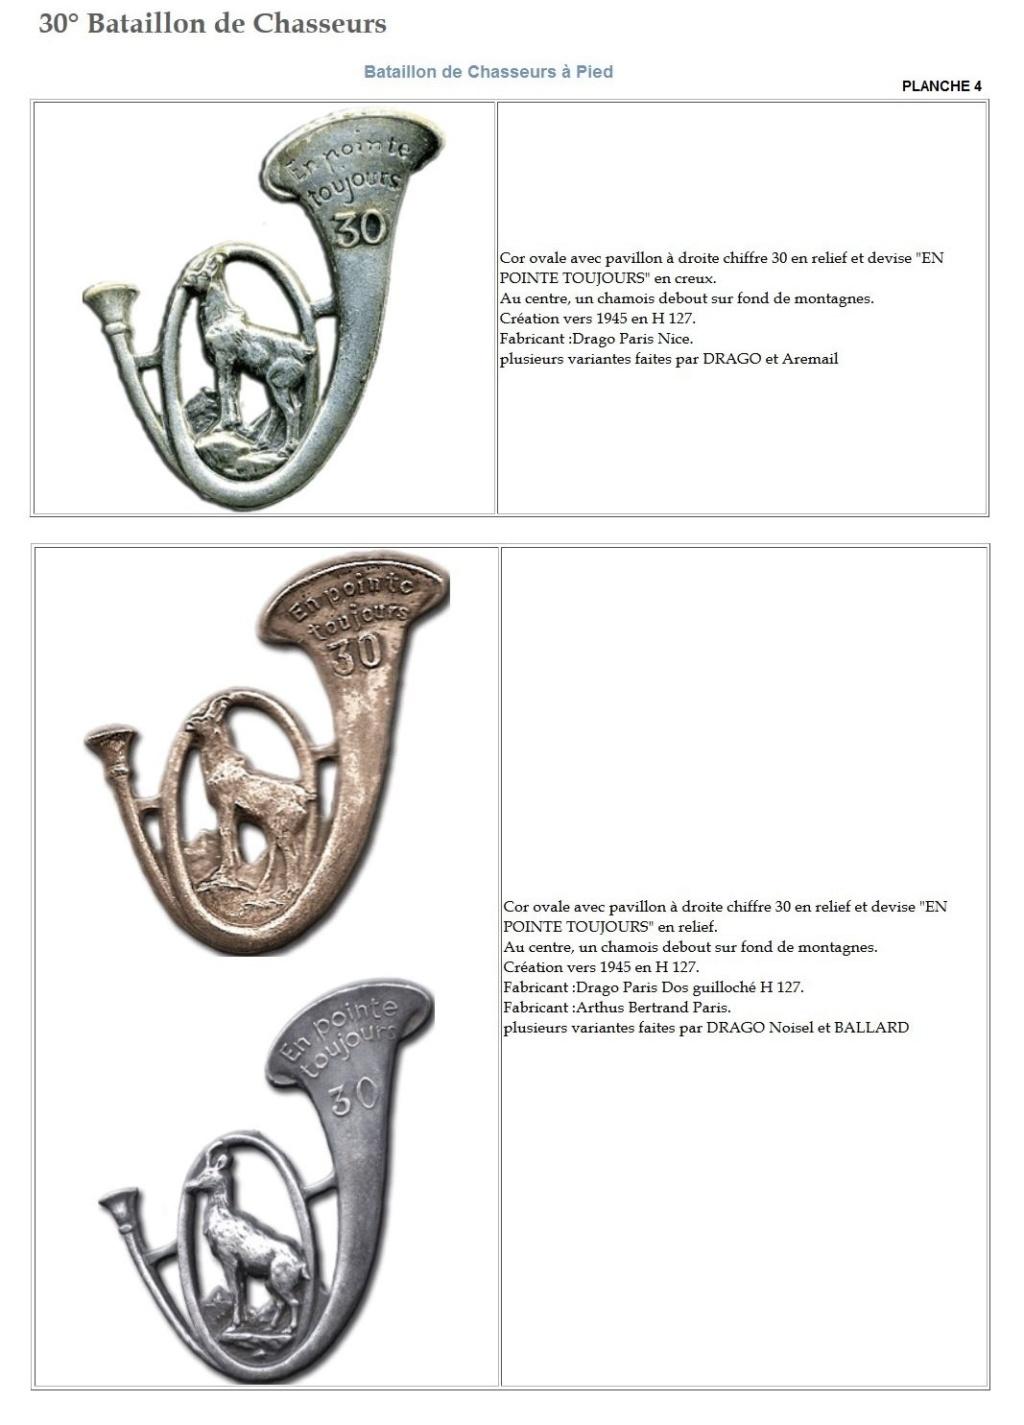 Les insignes de bataillons- Mise à jour... - Page 3 30e_pl13